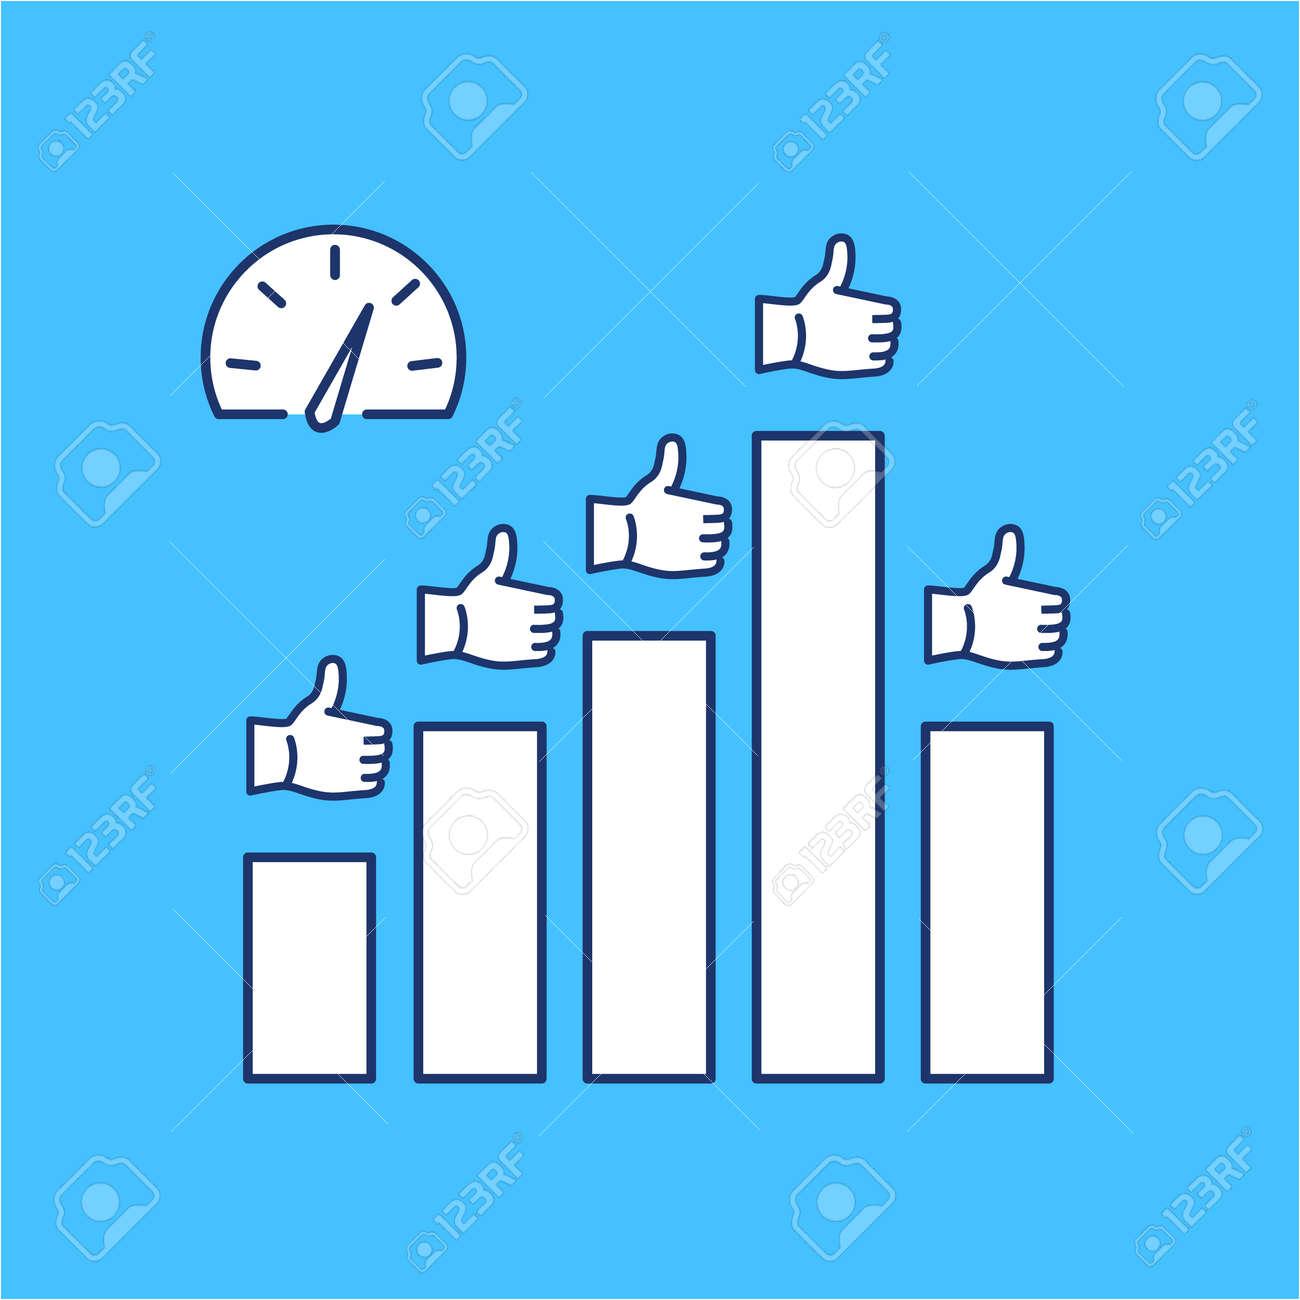 Vector Icono Conceptual De KPI - Indicadores Clave De Rendimiento ...